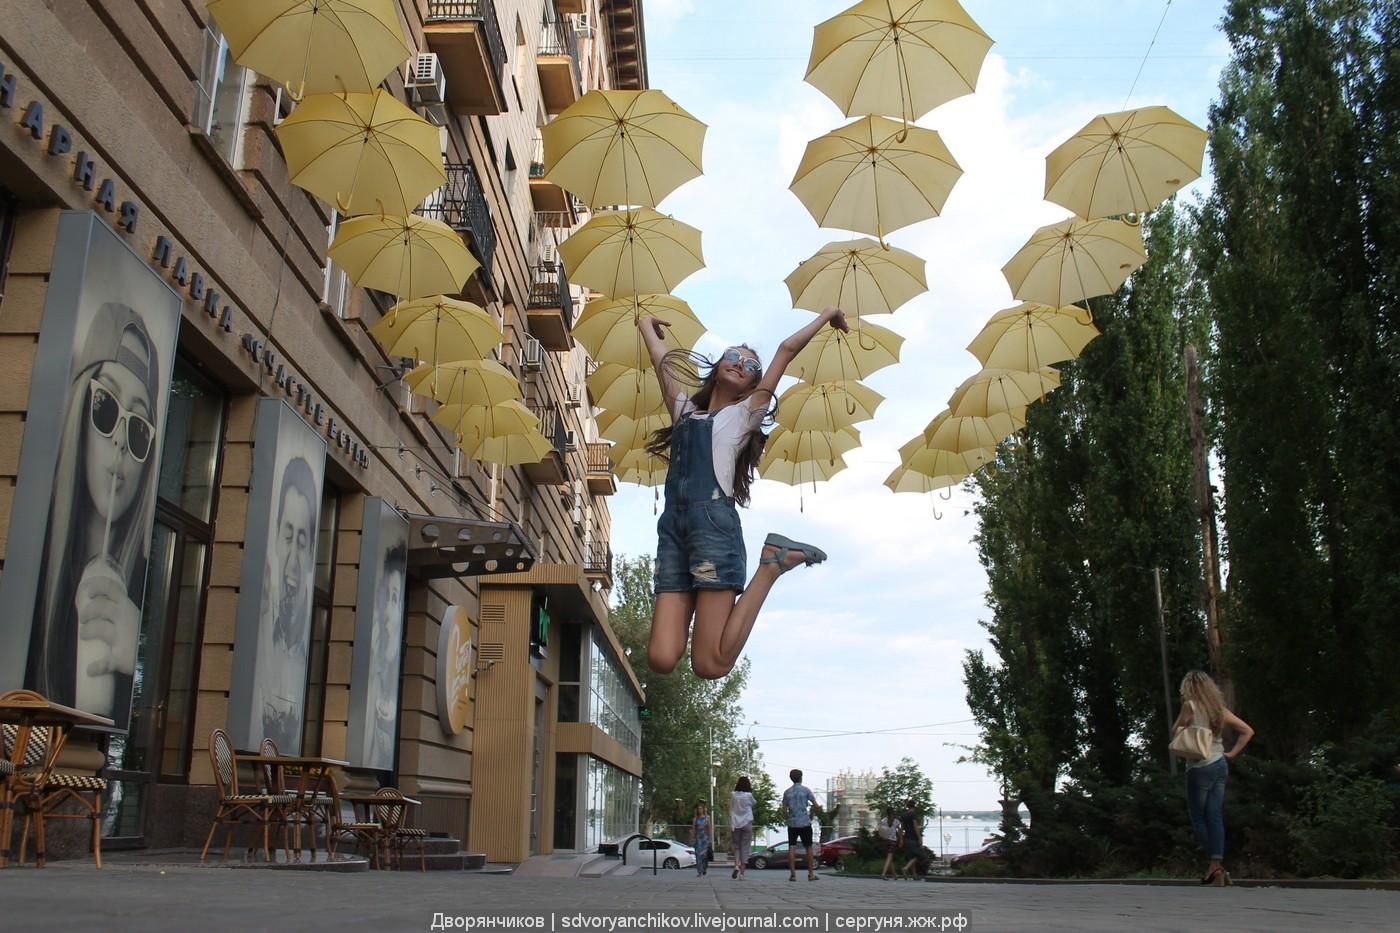 Тот момент, когда мимо зонтиков просто так пройти невозможно :)